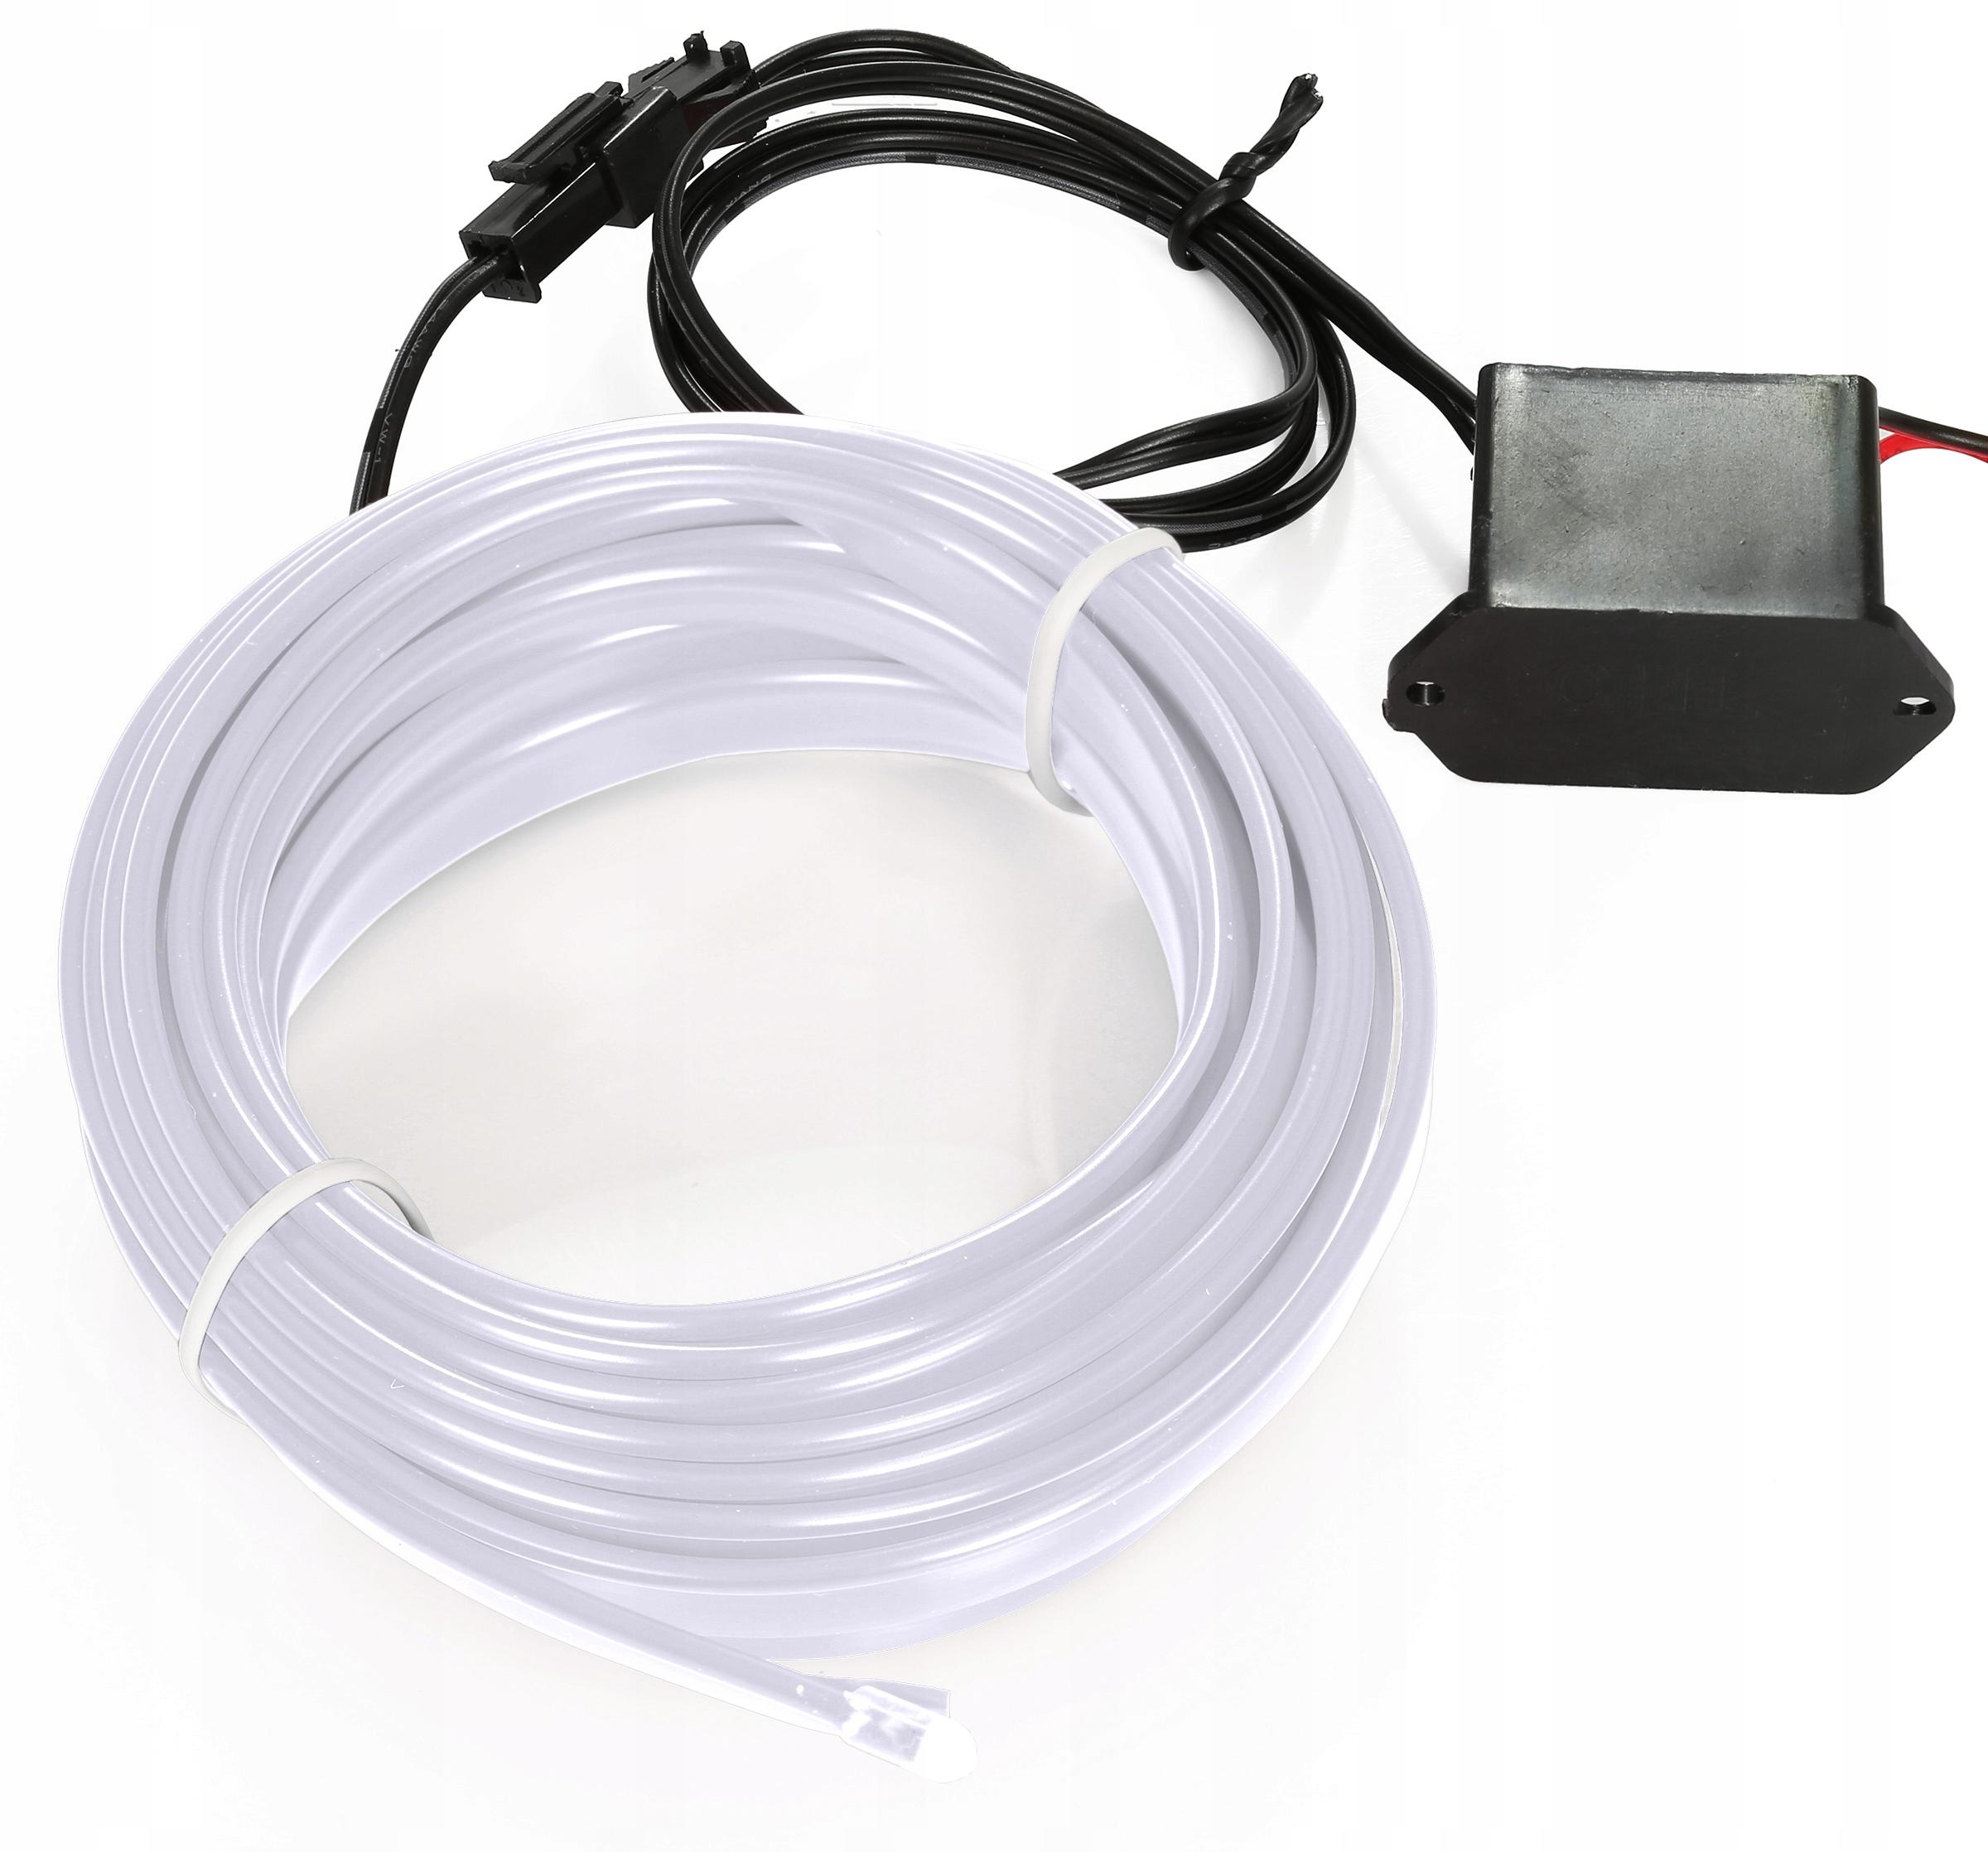 5m Волоконно-оптический кабель el wire лента ambient панель как led